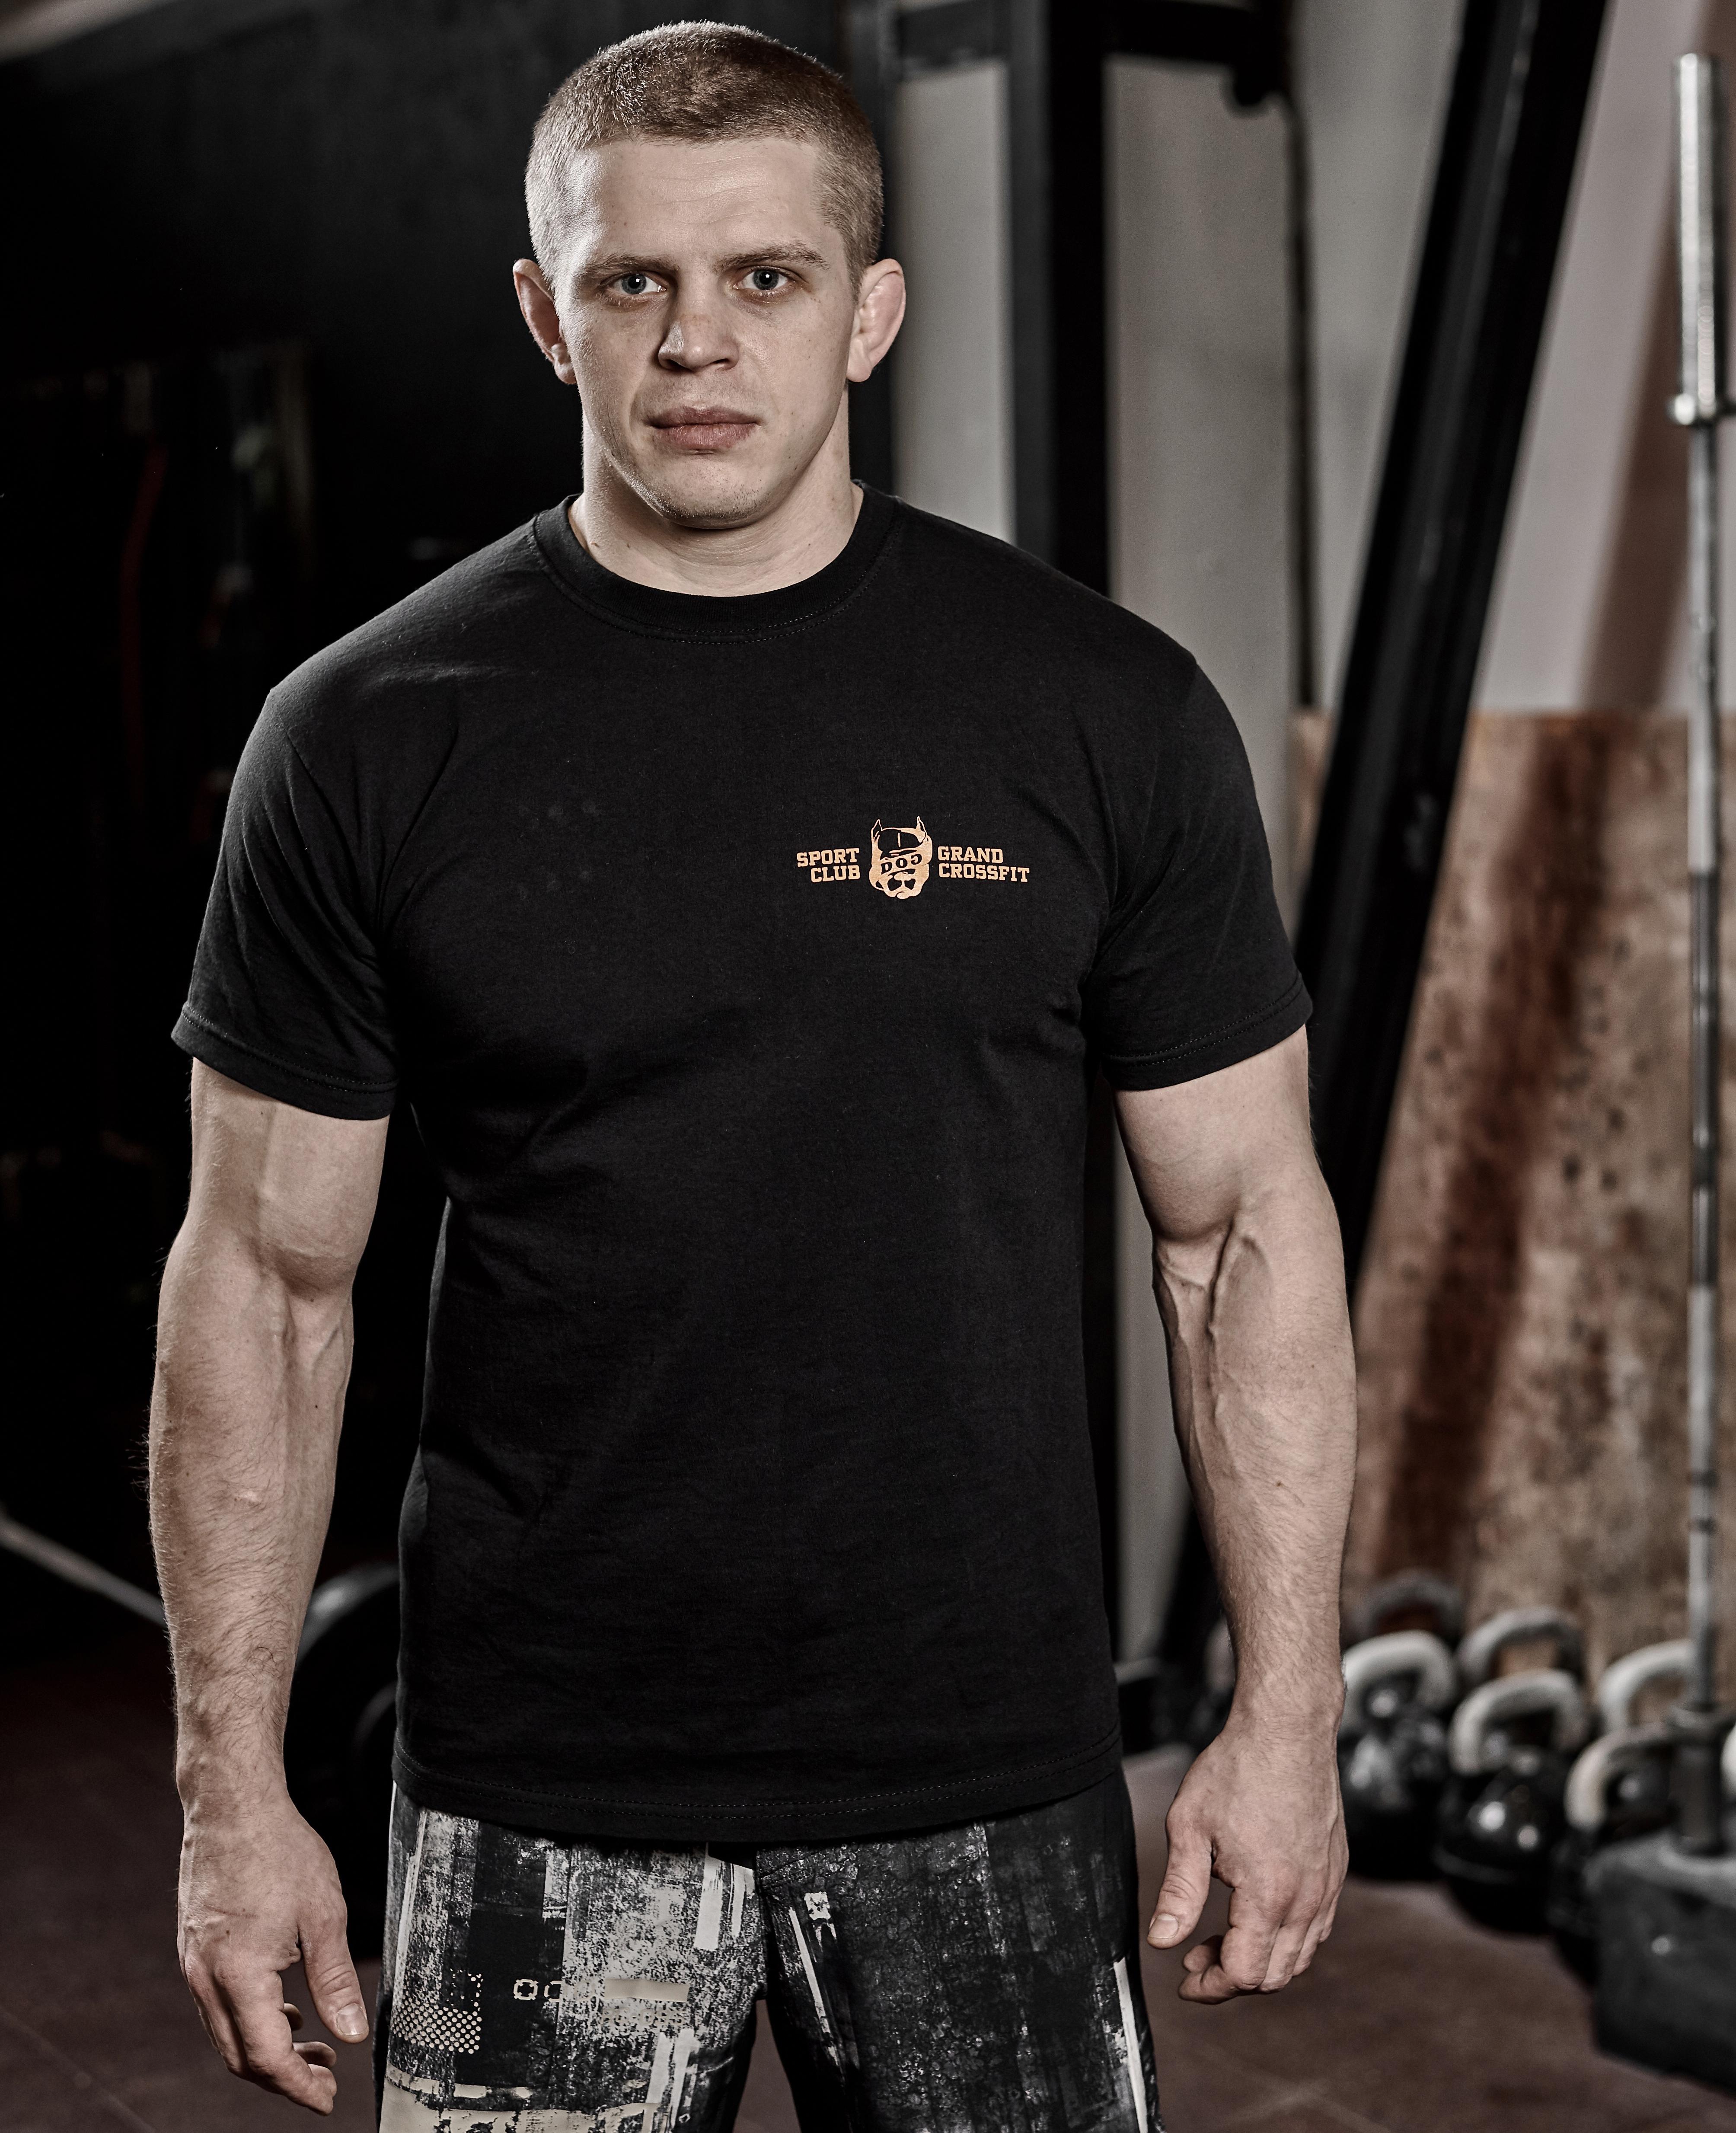 Артем Кириченко, DOG & Grand CrossFit